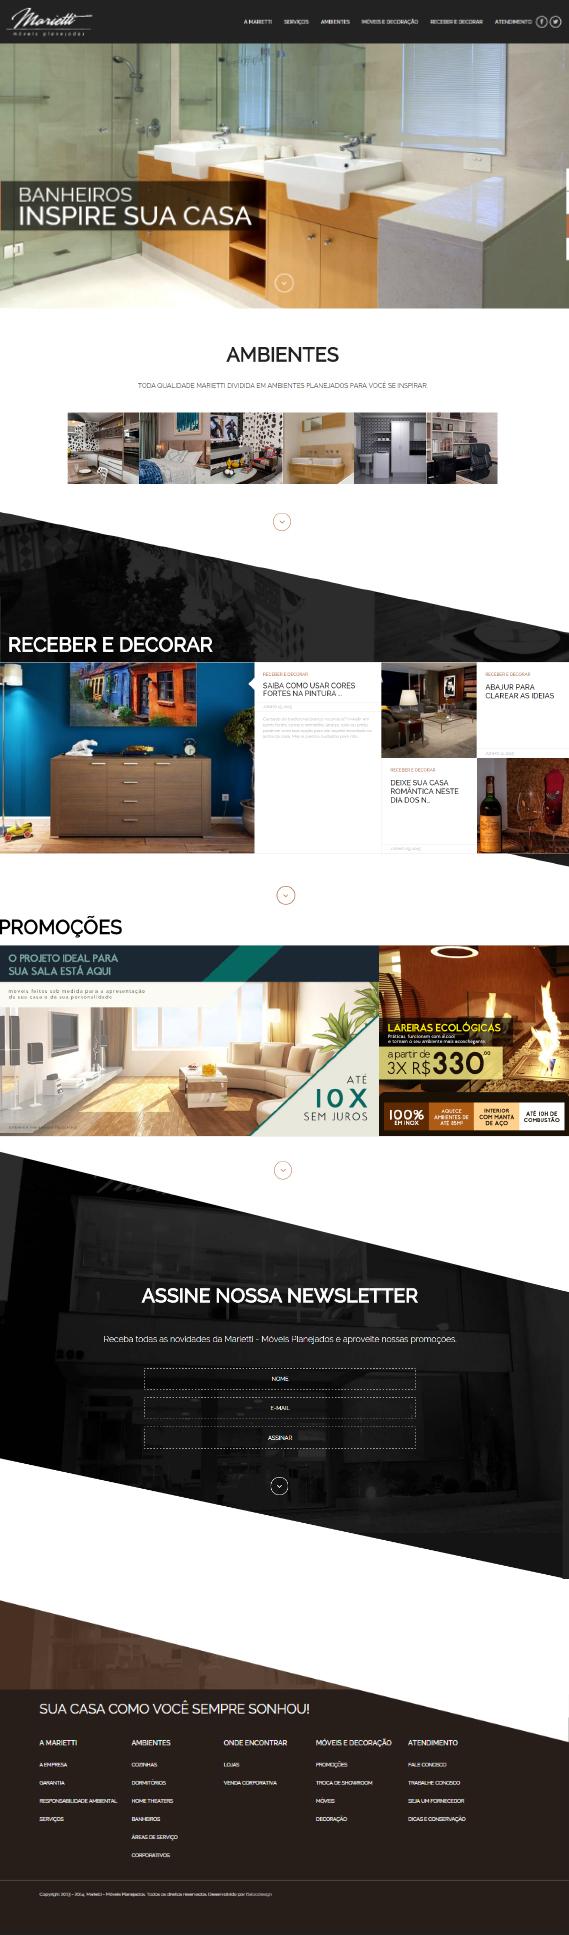 Website desenvolvido para a Marietti Móveis Planejados, há mais de 35 anos no ramo. O website apresenta os diversos produtos e serviços oferecidos pela empresa, assim como dicas para receber e decorar.